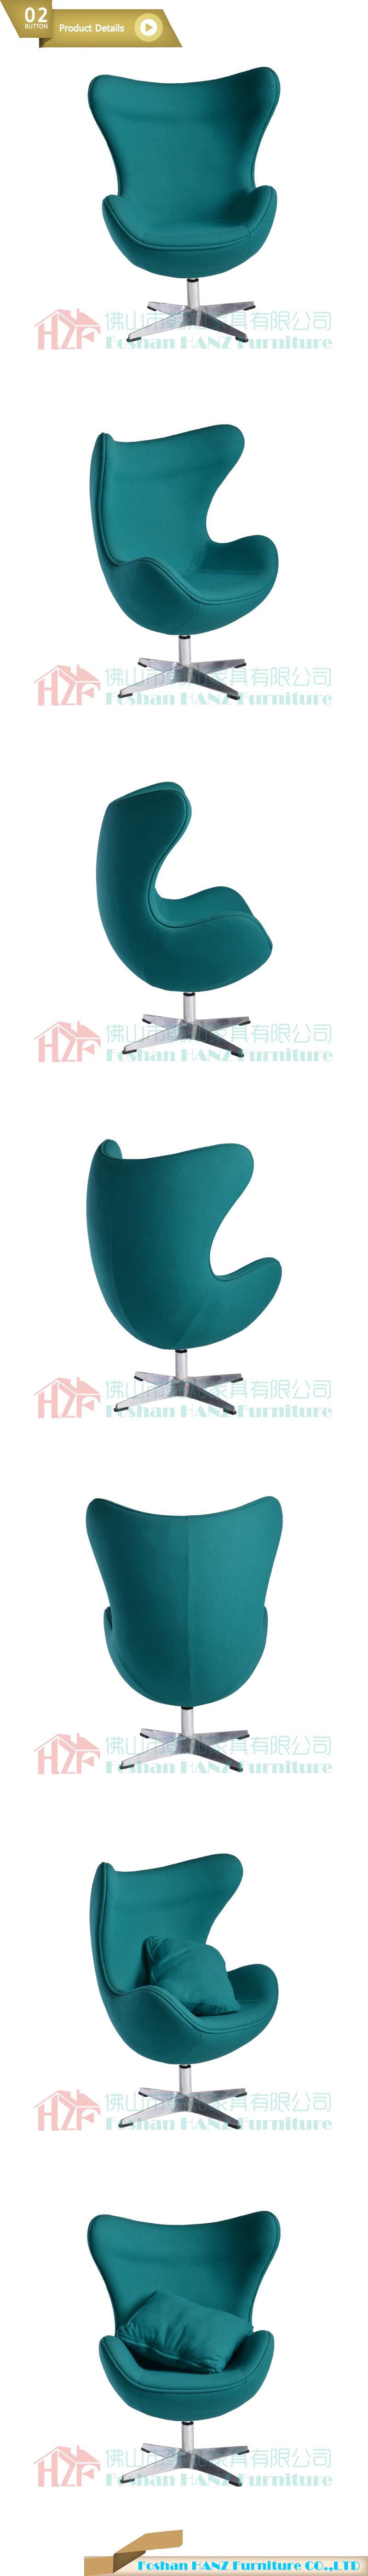 Peachy Modern Design Fiberglass Fabric Egg Lounge Leisure Swing Egg Ball Chair Hz Q433 Forskolin Free Trial Chair Design Images Forskolin Free Trialorg